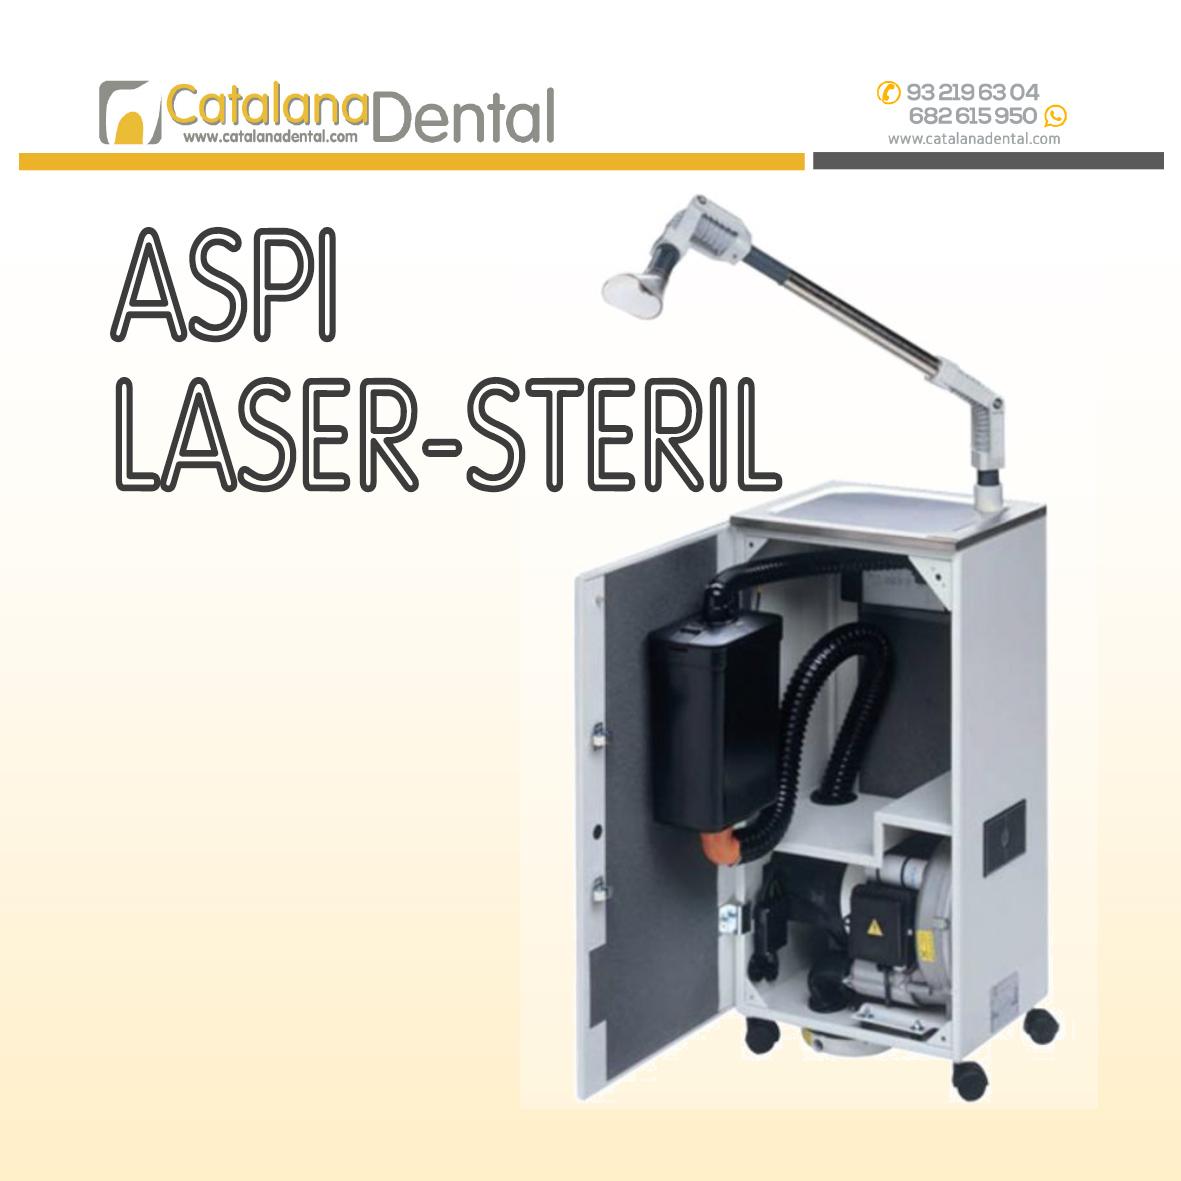 ASPI-LASER